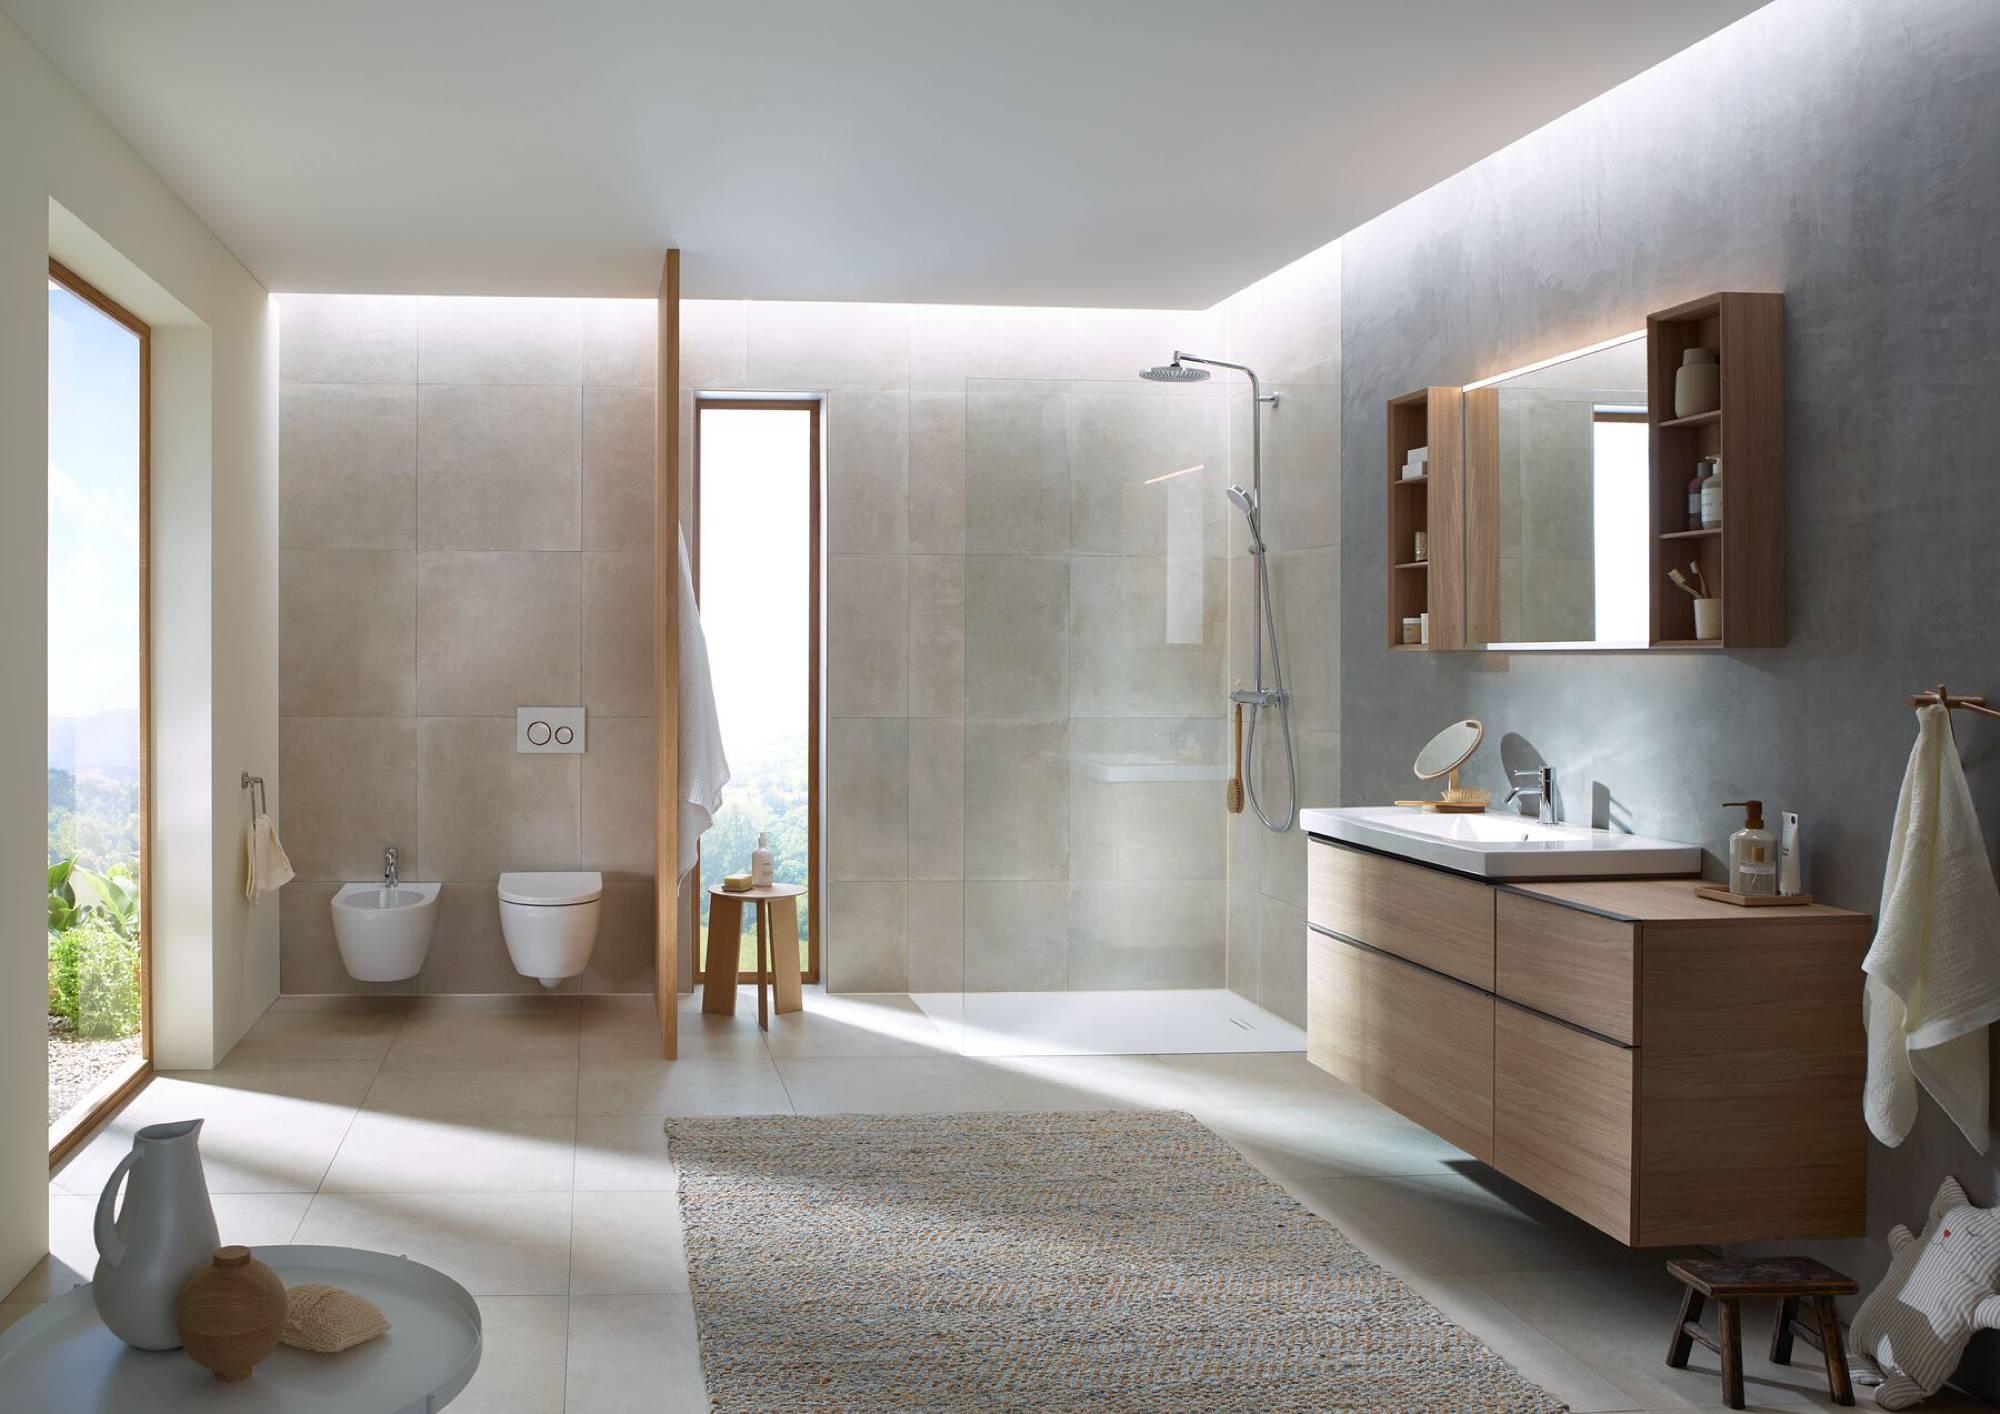 Architektur im Badezimmer   Betätigungsplatten von Geberit